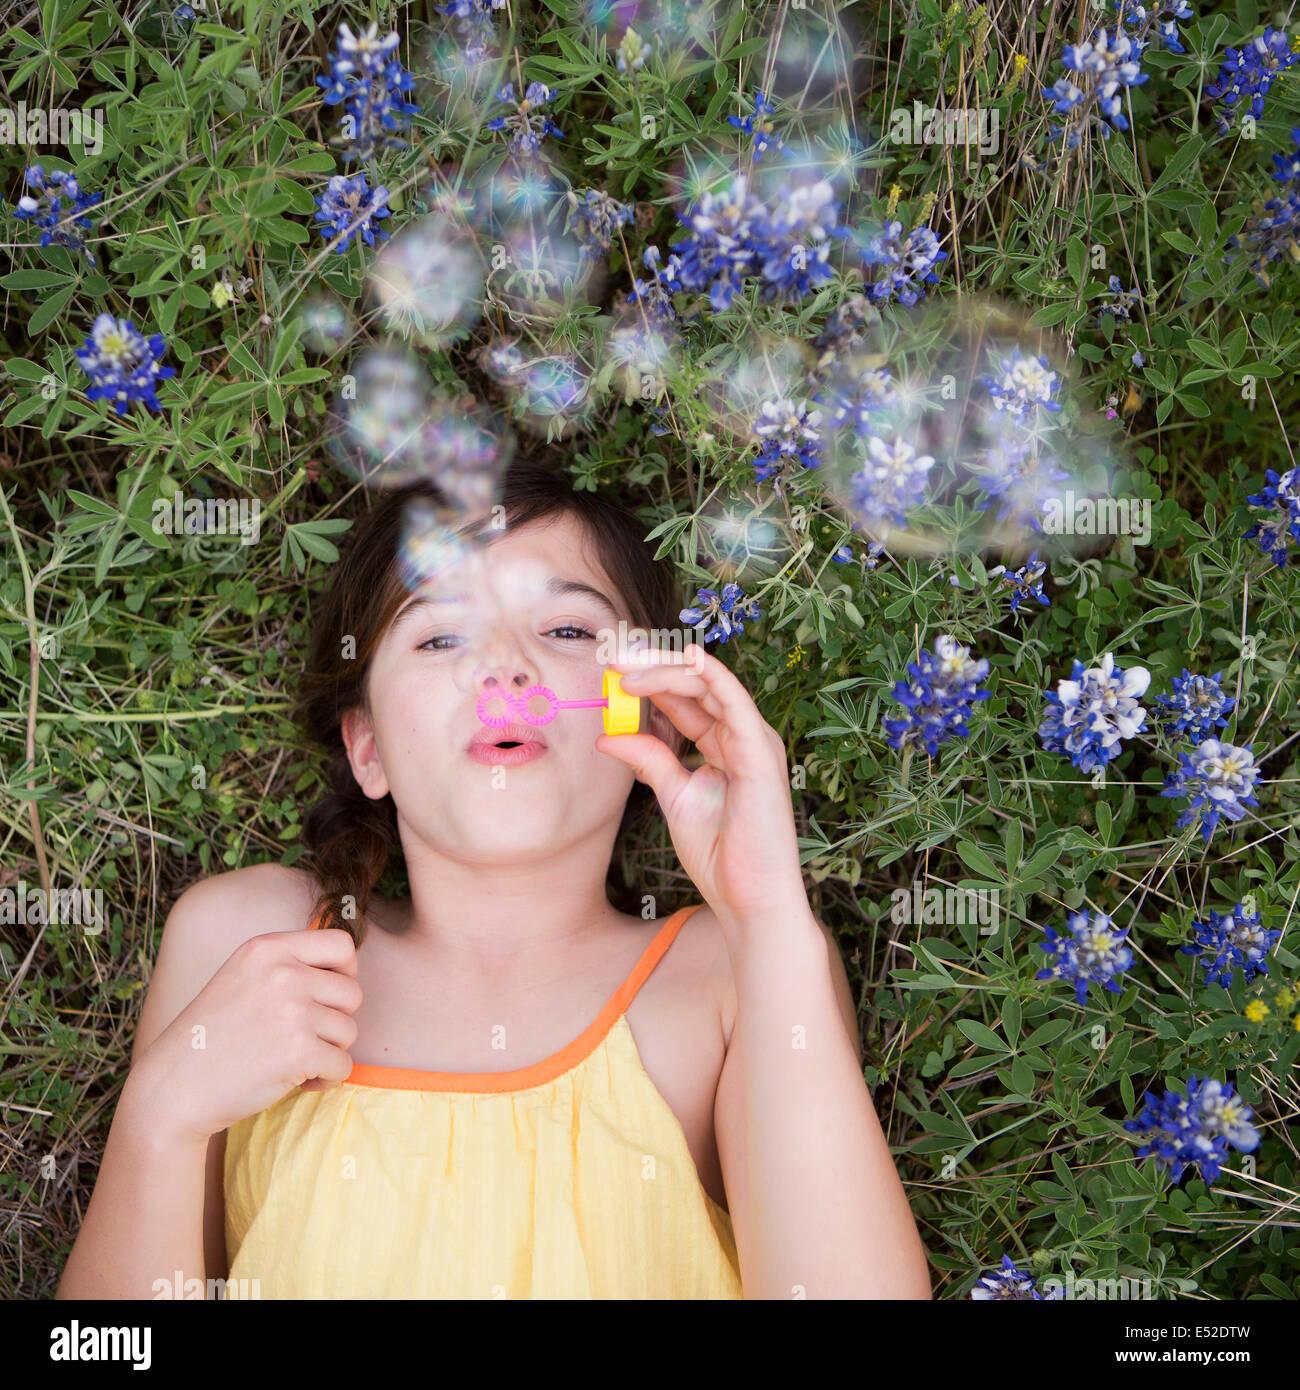 Una chica acostada soplando burbujas en el aire. Imagen De Stock